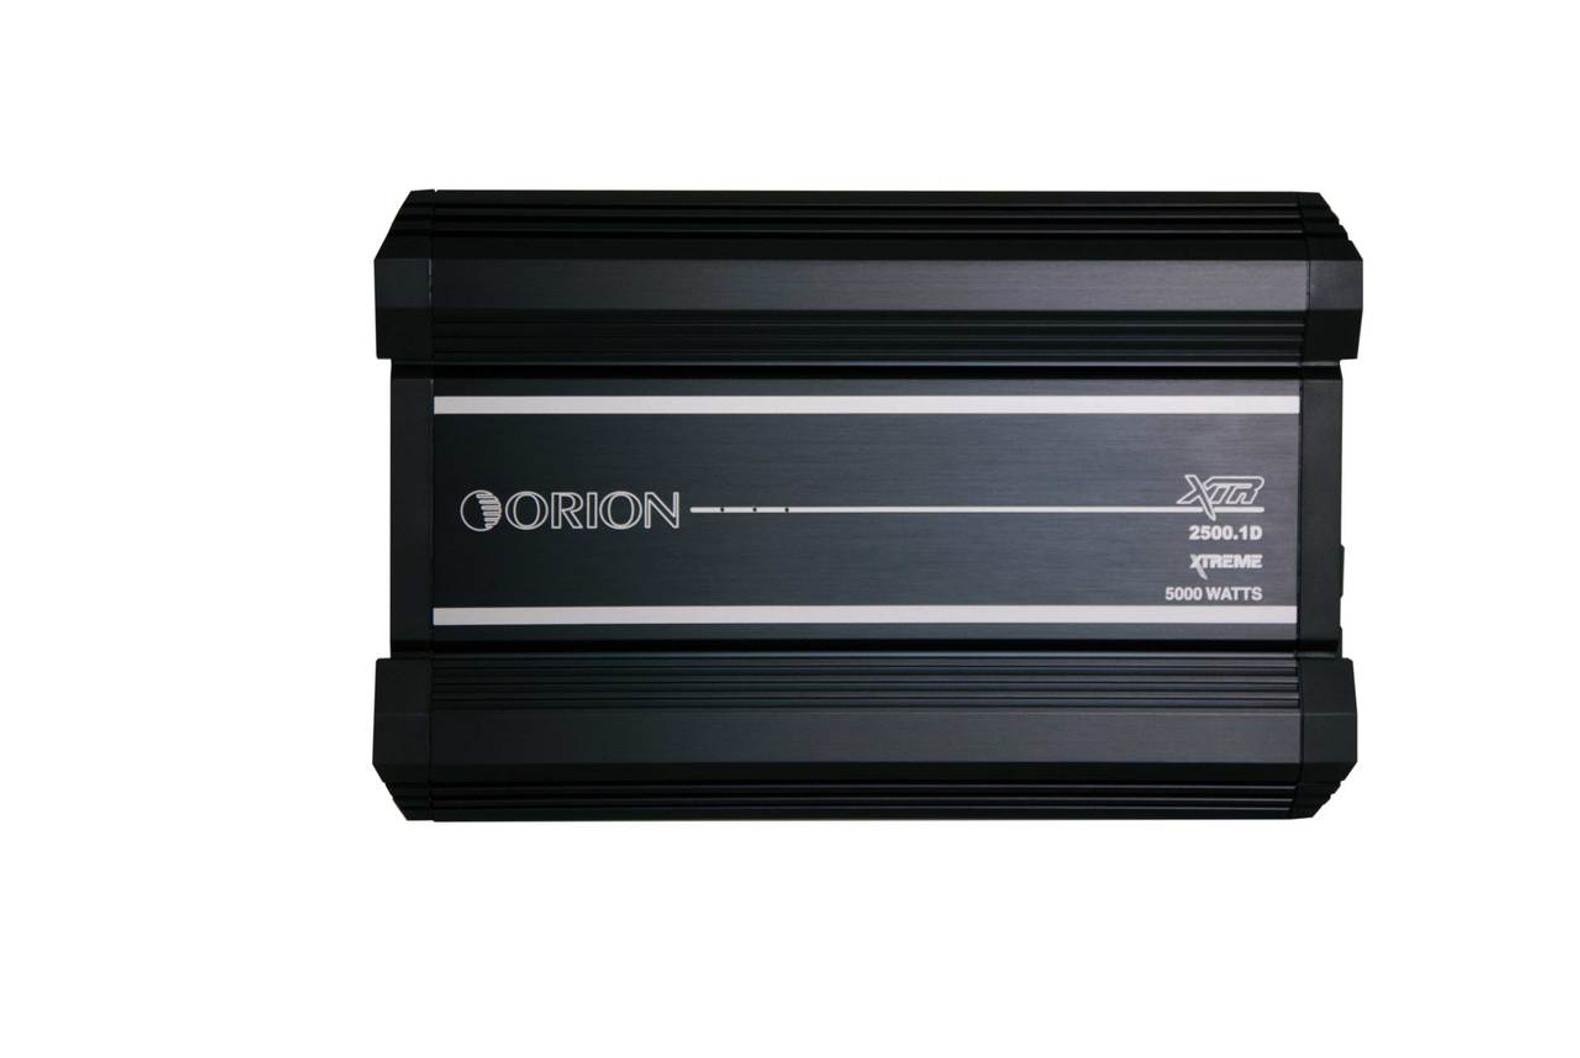 orion xtr xtr2500 1dz class d amplifier 2500 watts rms 1 ohm ssa orion amplifier wiring diagram source orion car audio  [ 1580 x 1058 Pixel ]